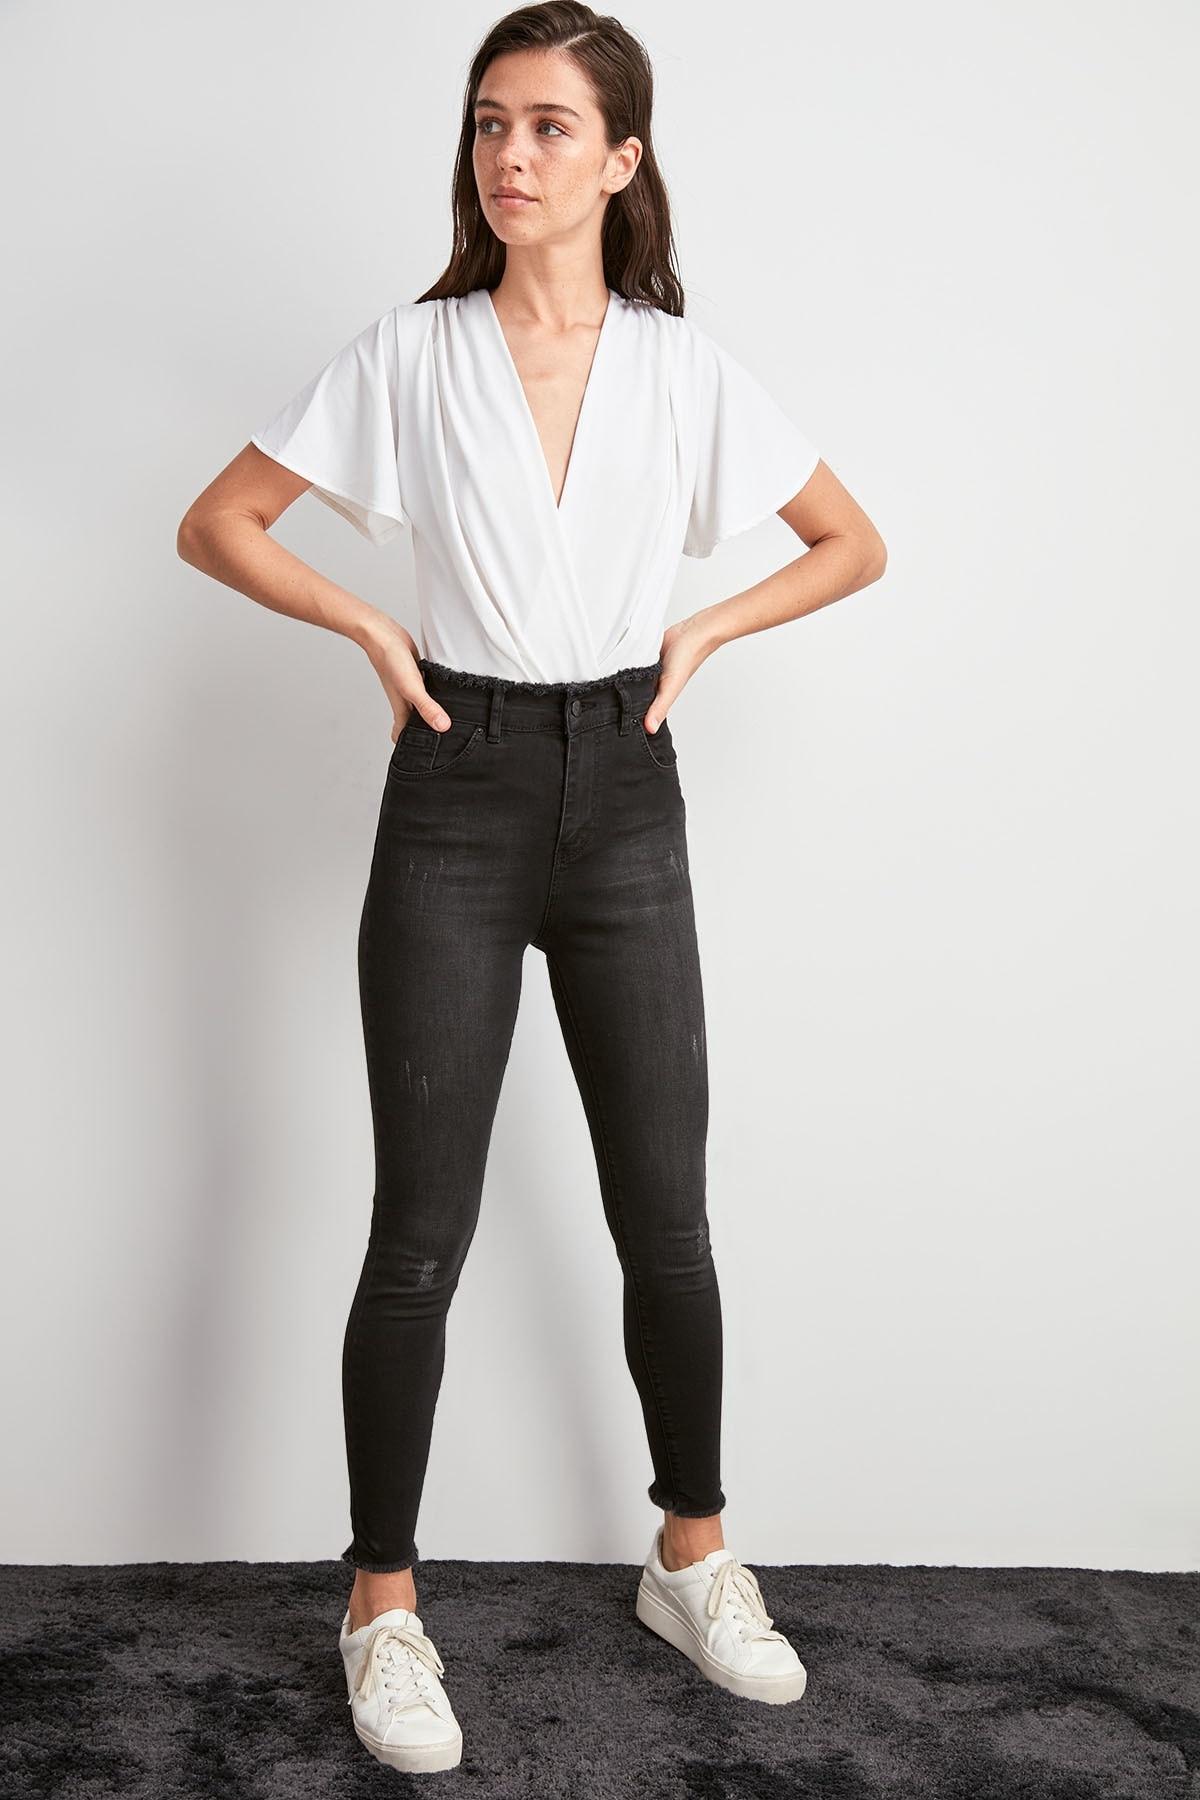 Trendyol Beli Tassels High Waist Skinny Jeans TWOAW20JE0486